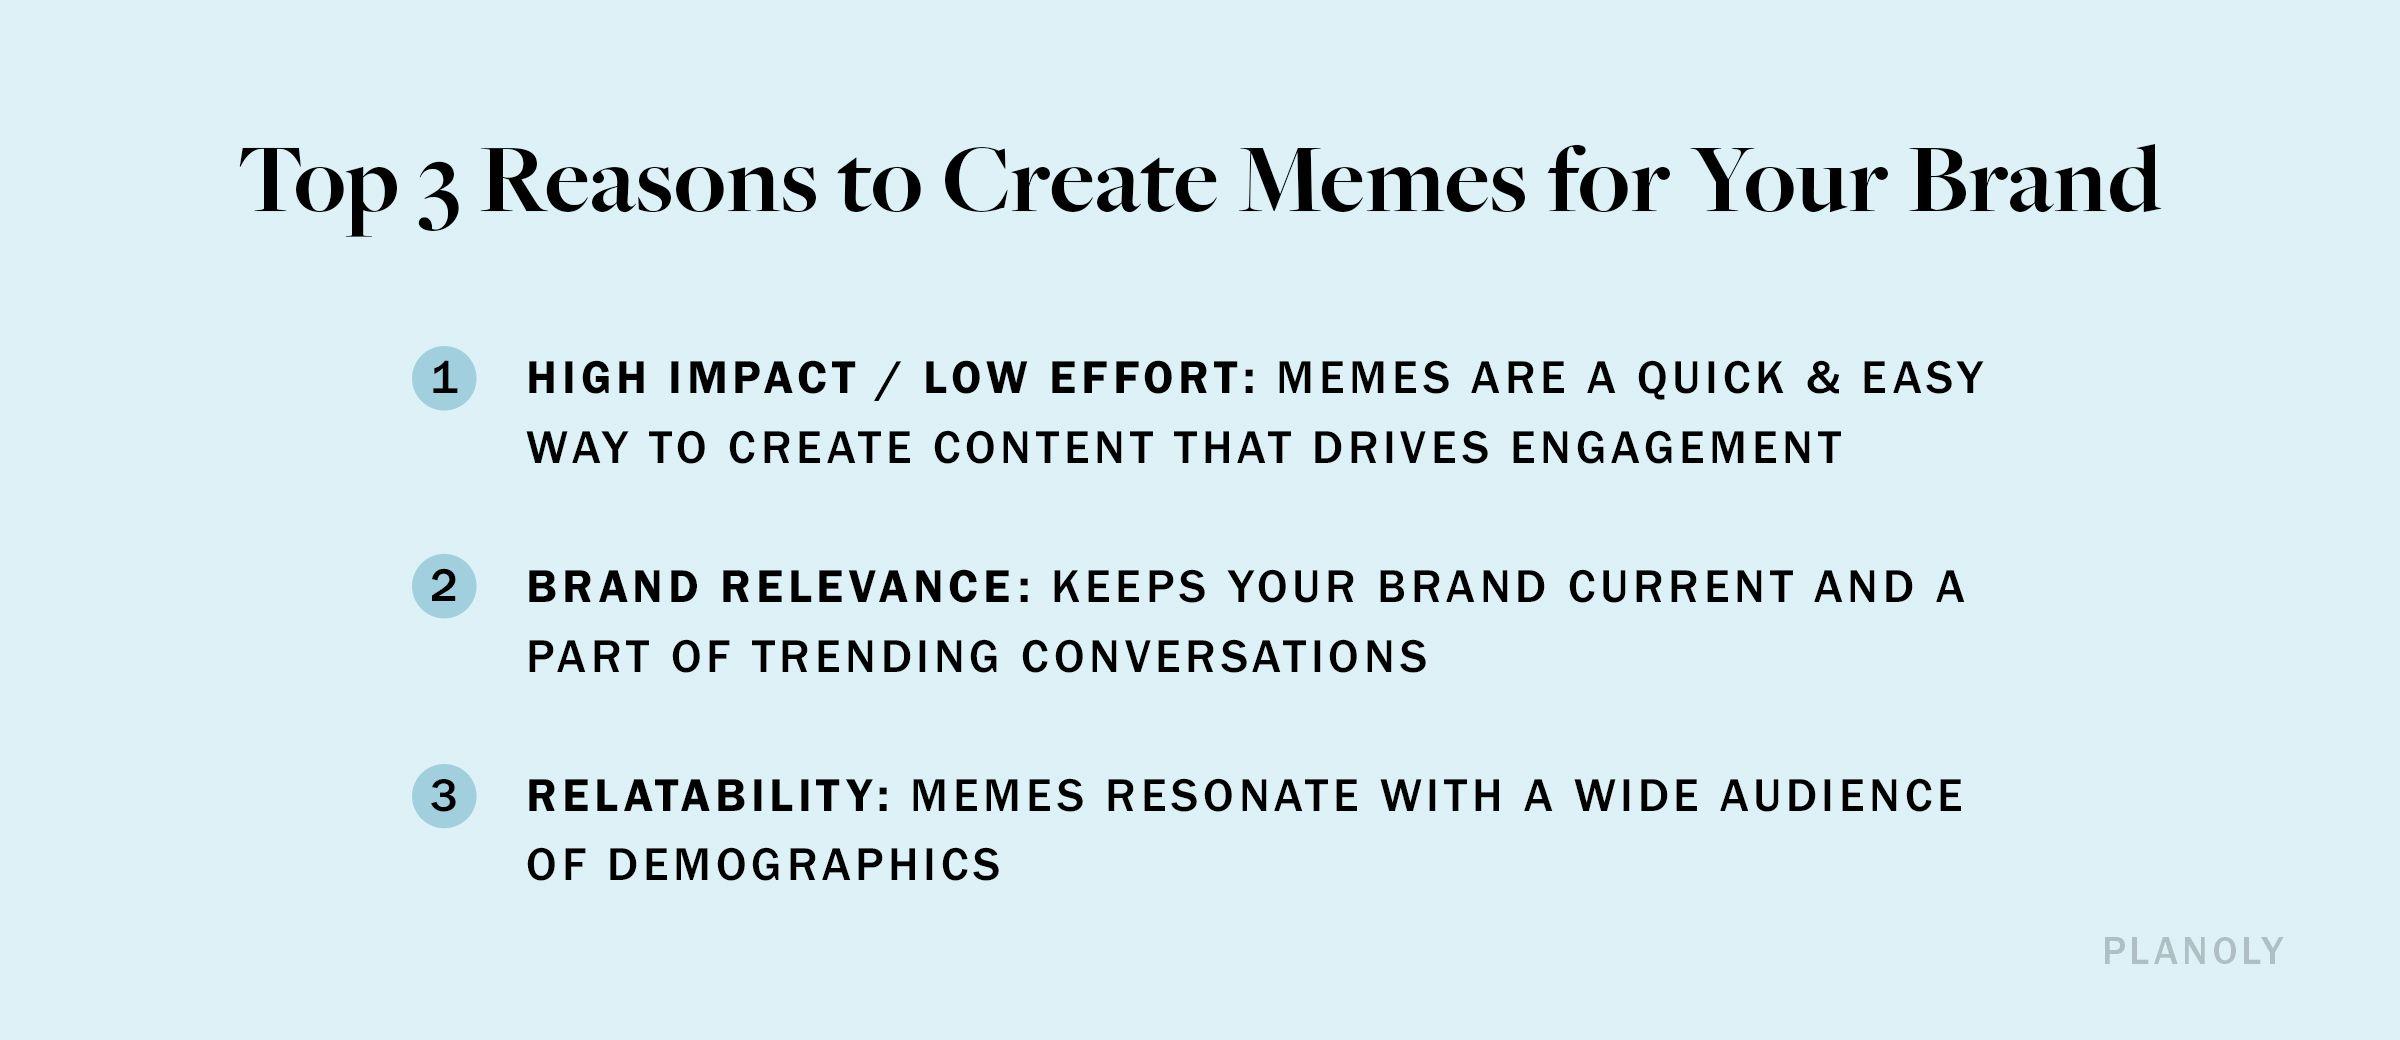 PLANOLY - Blog Post - Meme Workshop - Image 1